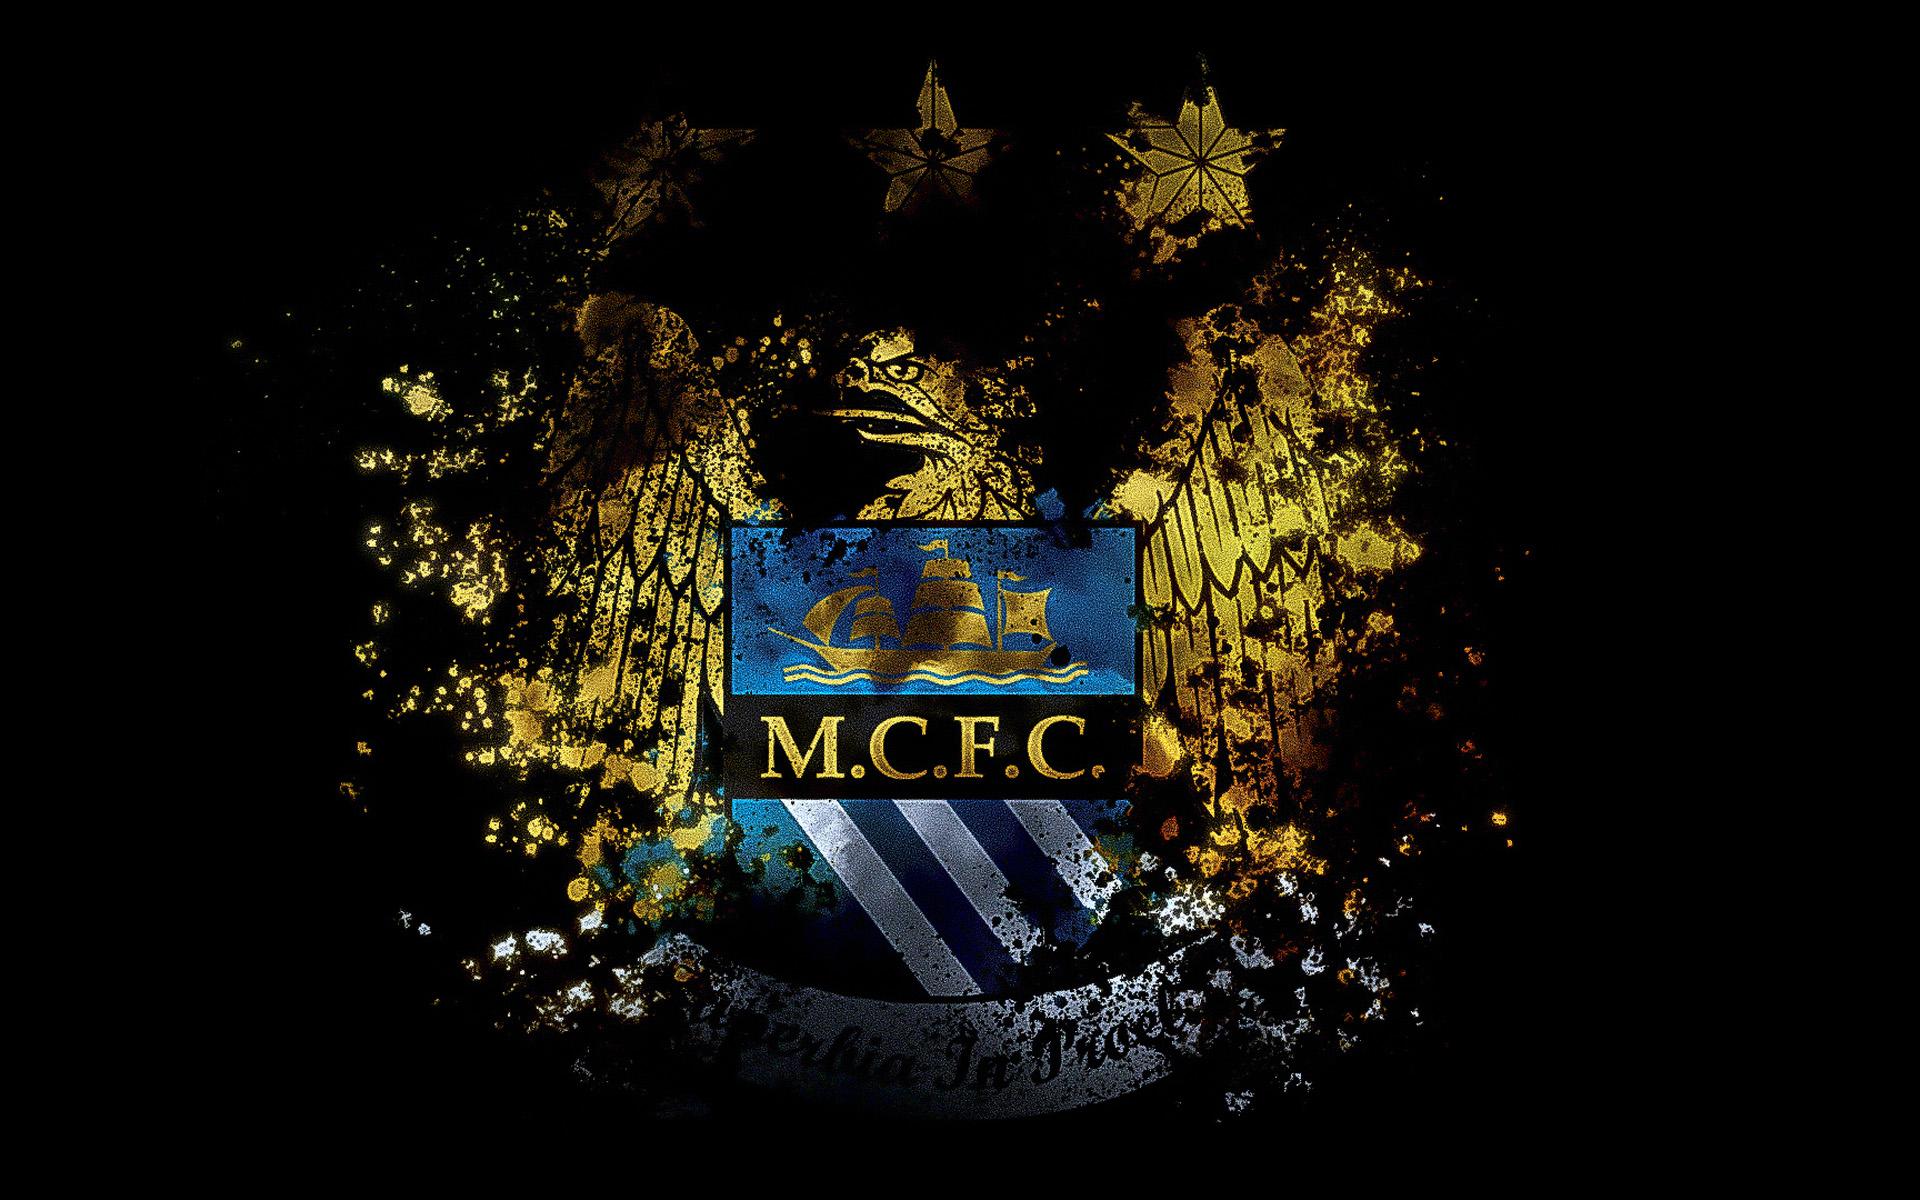 Description Manchester City Wallpaper is a hi res Wallpaper for pc 1920x1200